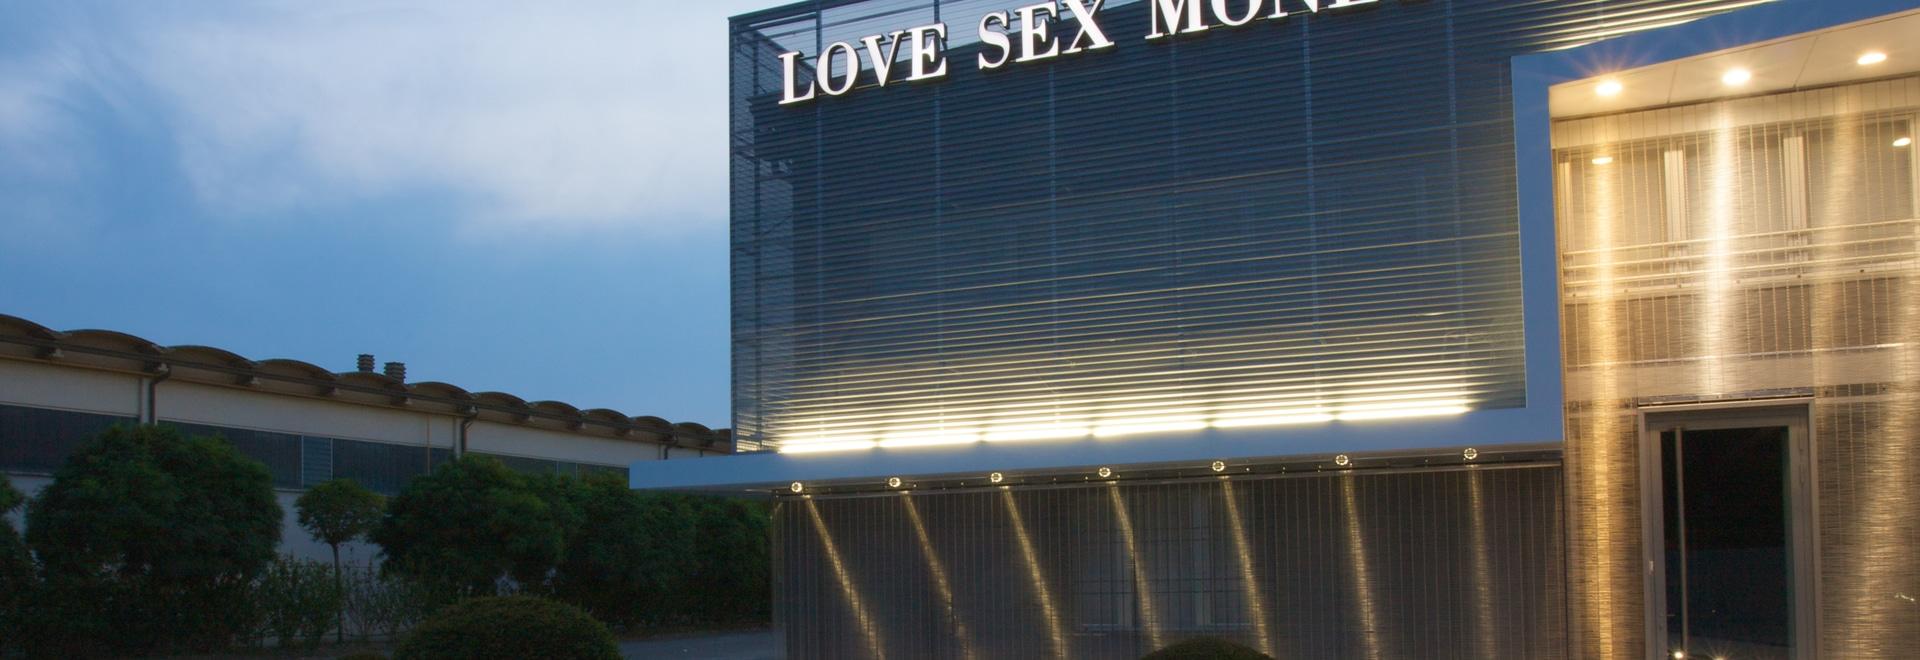 Des façades - aimez les sièges sociaux d'argent de sexe ; Carpi, Modène